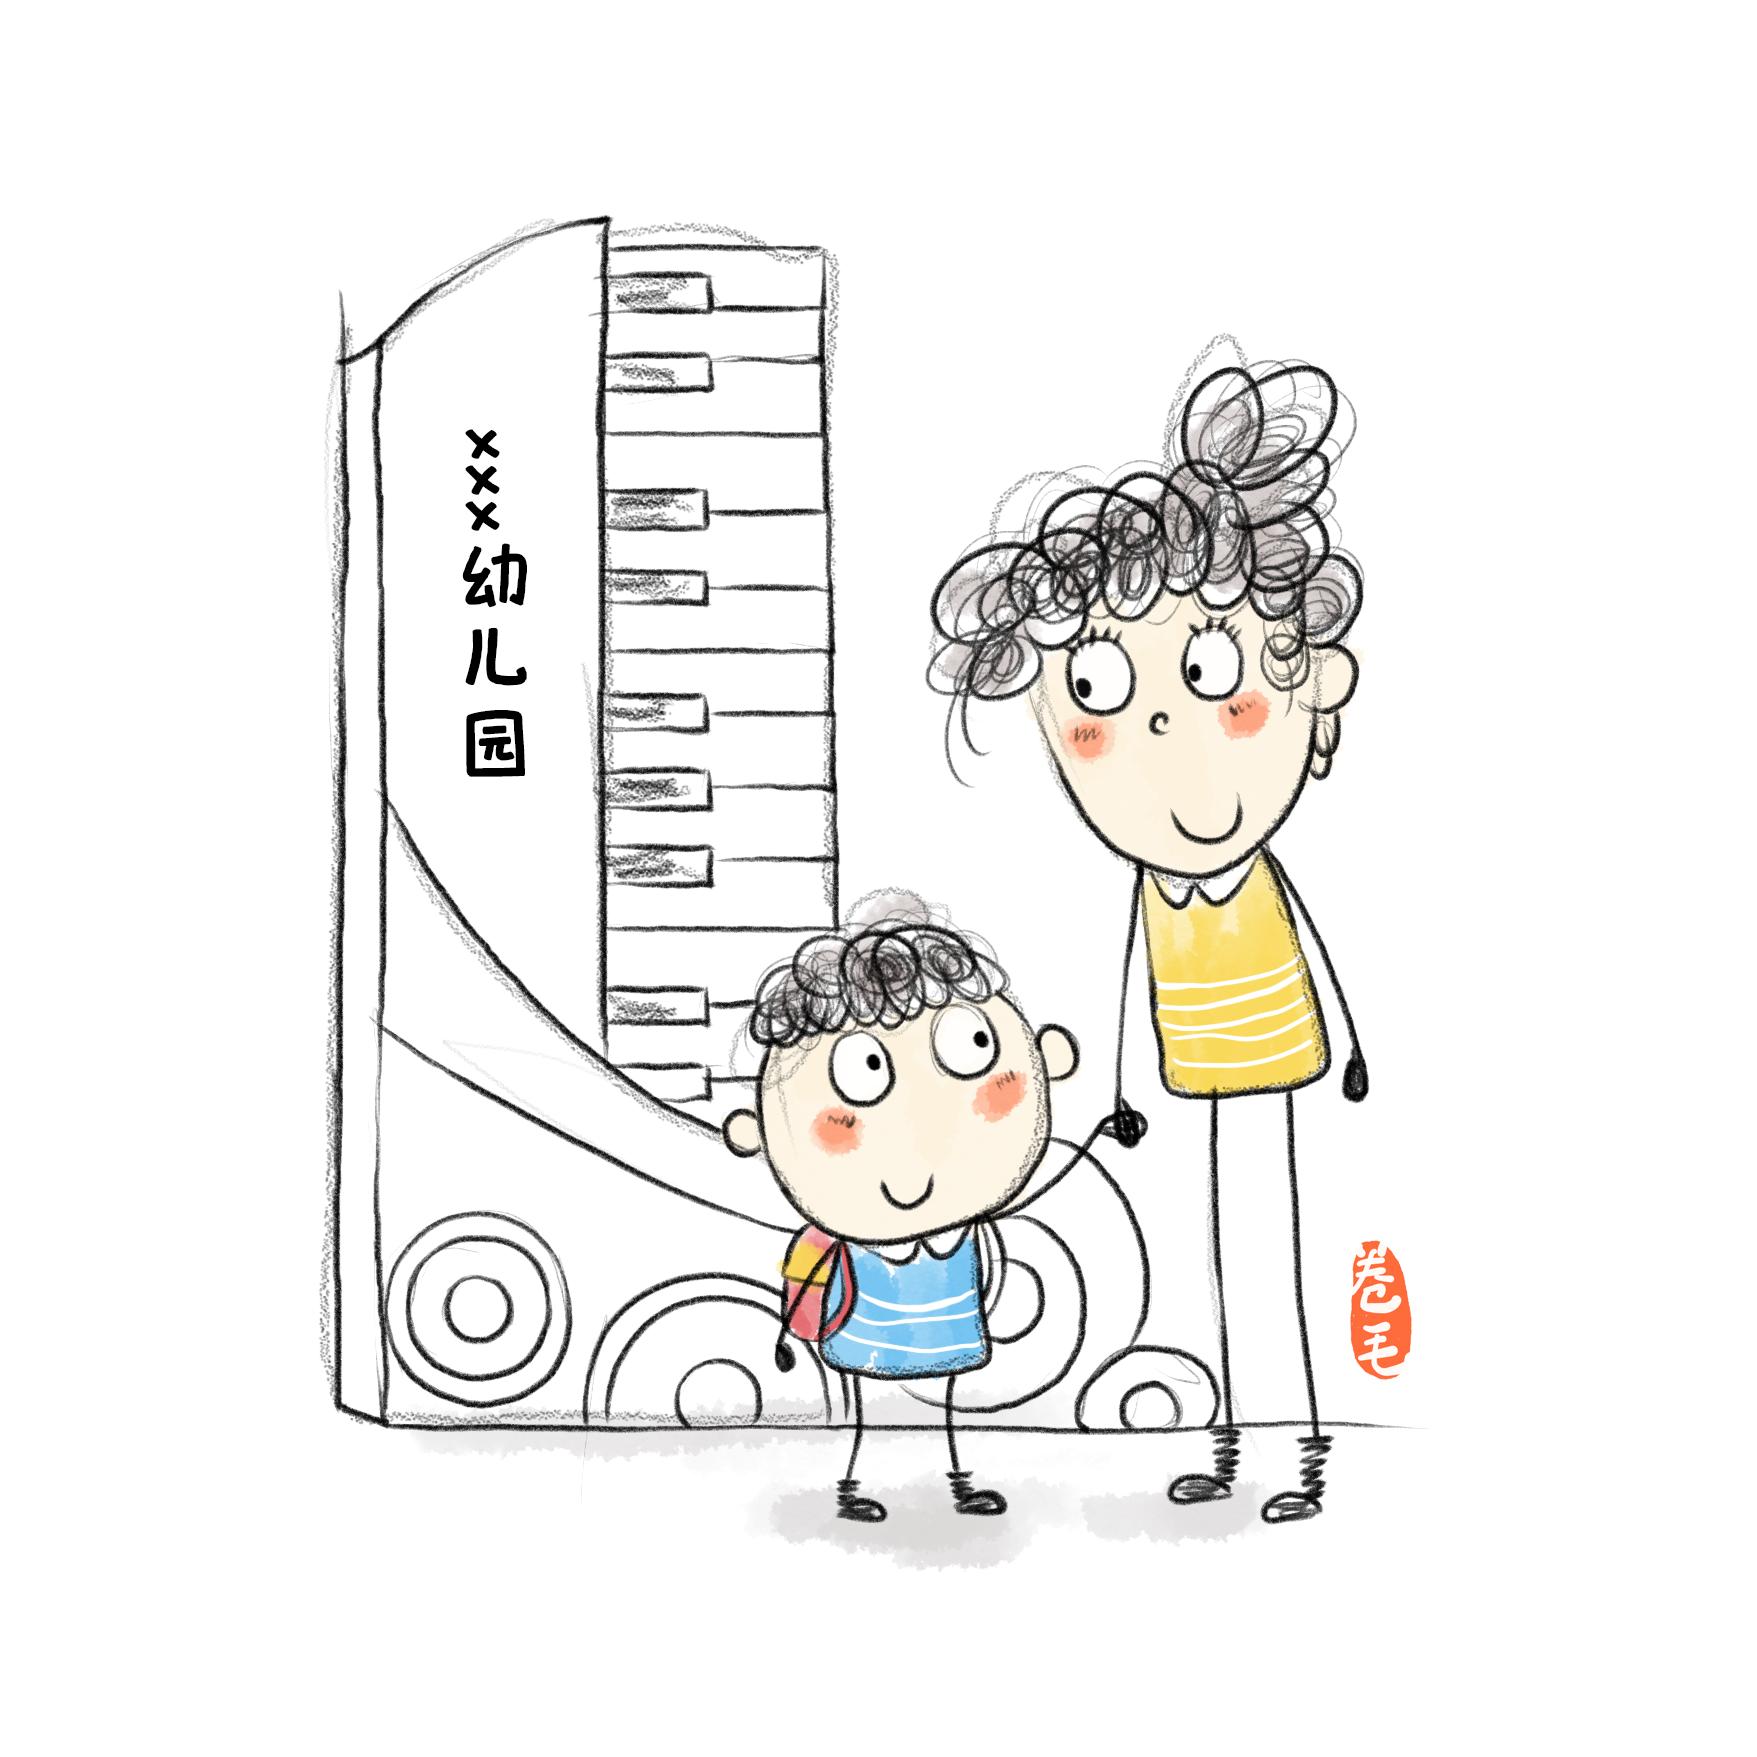 开学前,幼儿园老师最想跟家长说的心里话